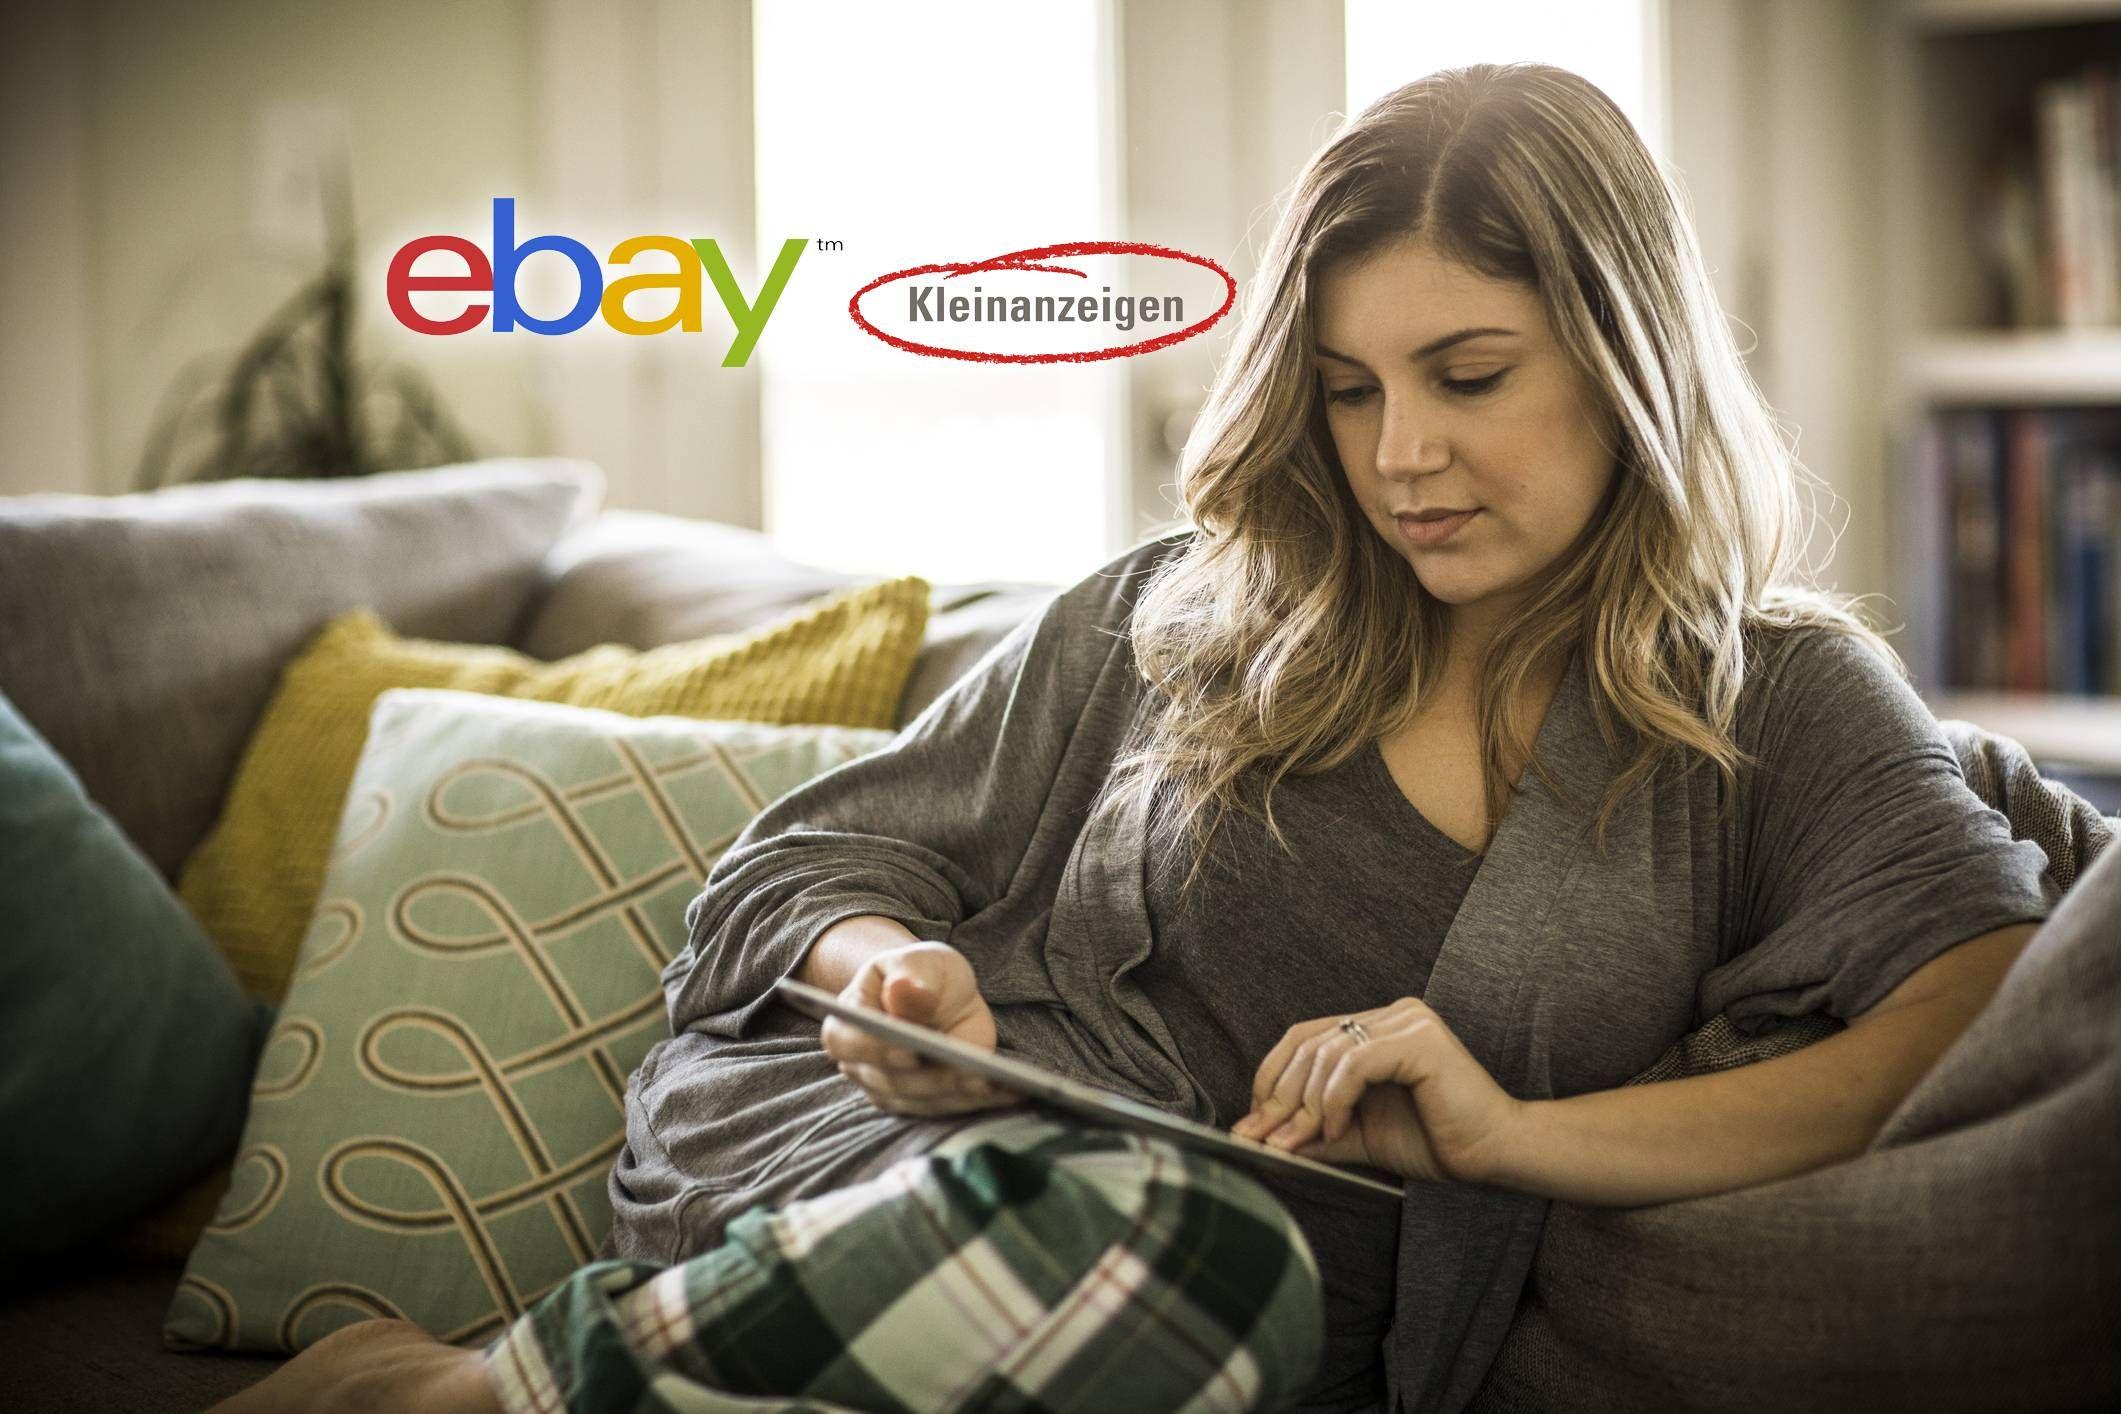 Betrüger Bei Ebay Kleinanzeigen